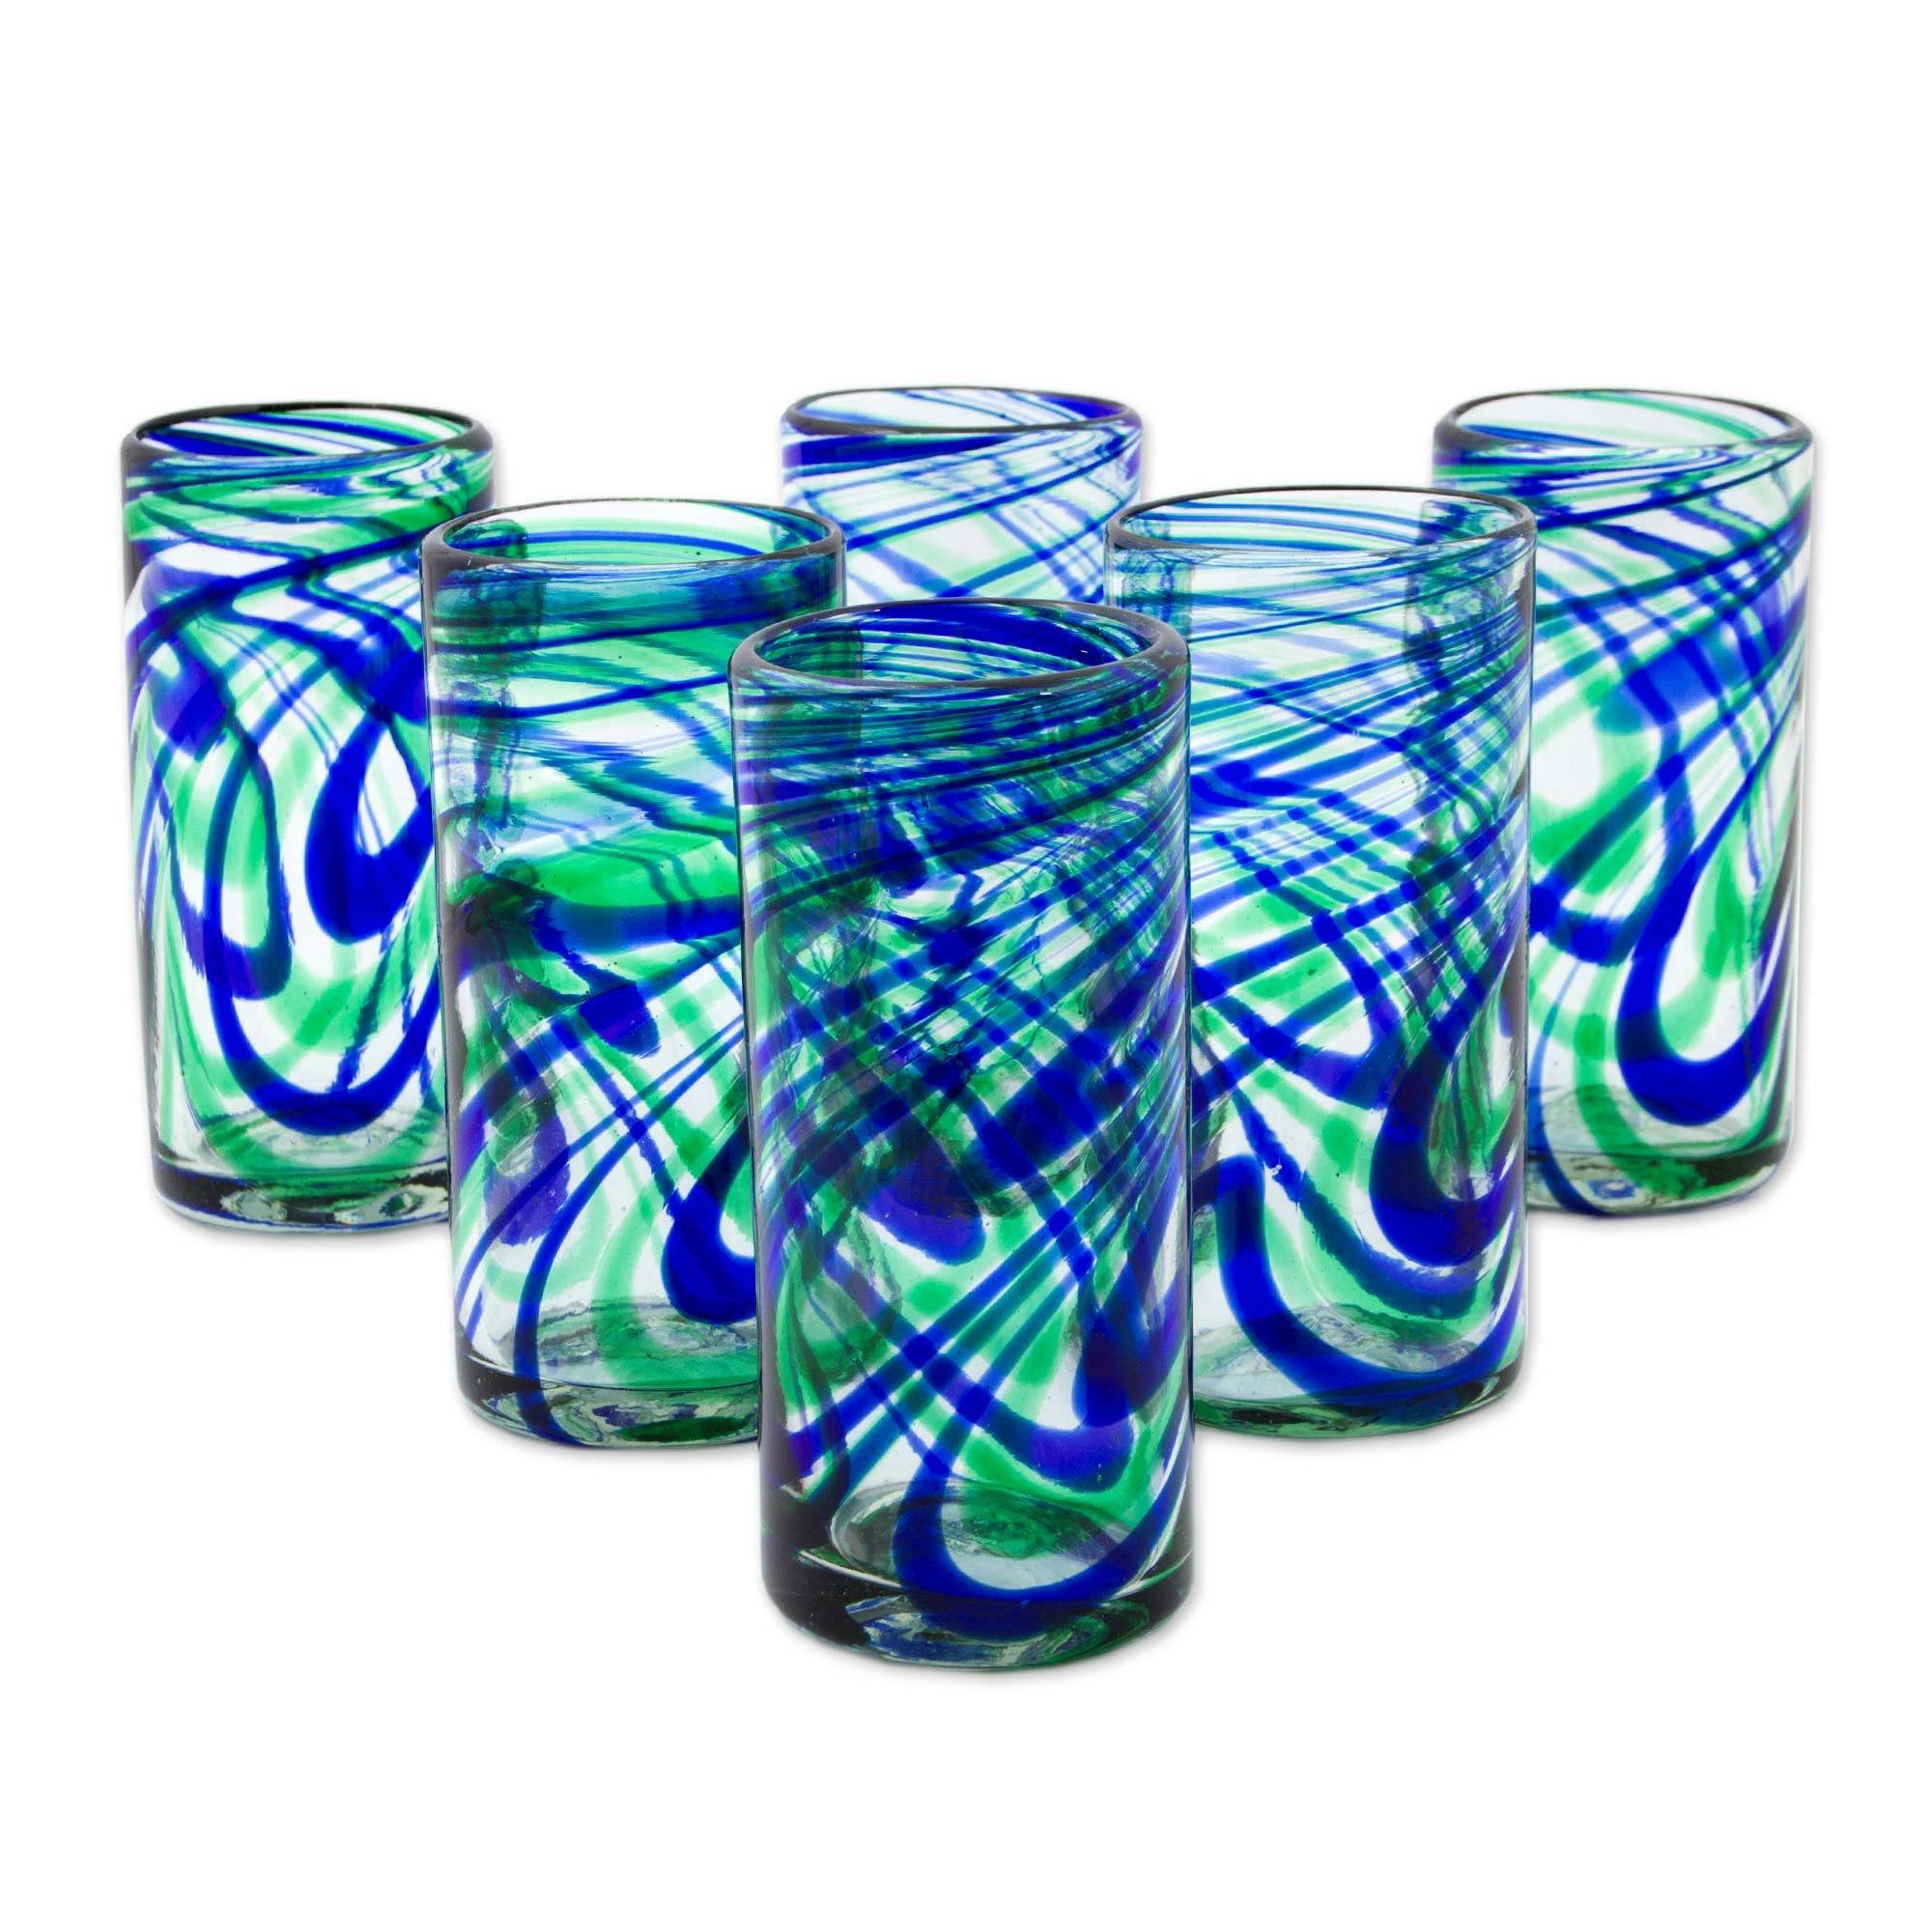 NOVICA Blue and Green Swirl Hand Blown Glass Highball Glasses, 11 oz, 'Elegant Energy' (set of 6)